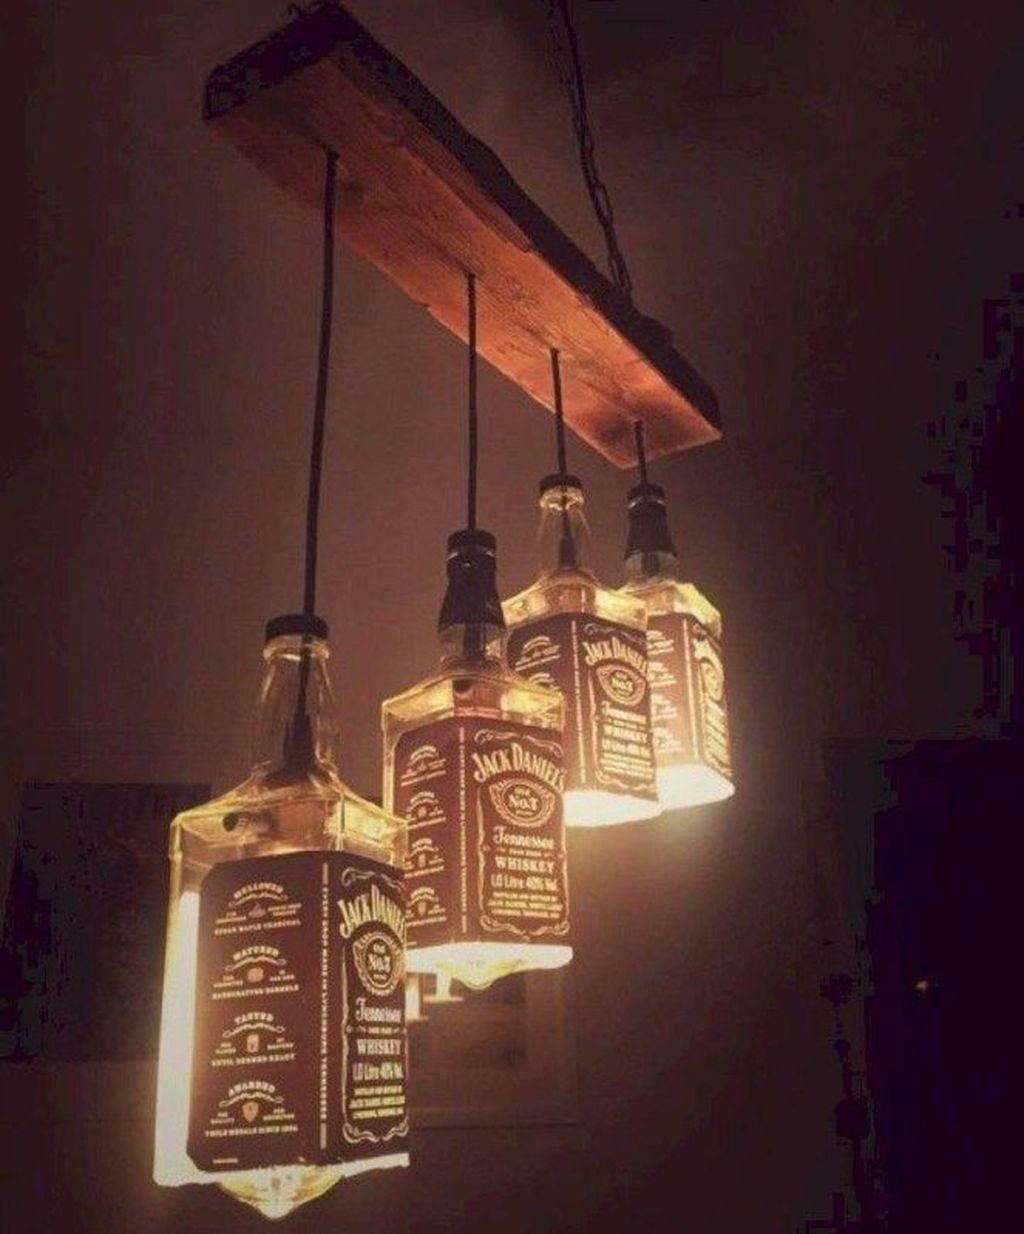 30 Wonderful Diy Bottle Lamp Design Ideas You Must Know Diy Bottle Lamp Bottle Chandelier Bottle Lamp